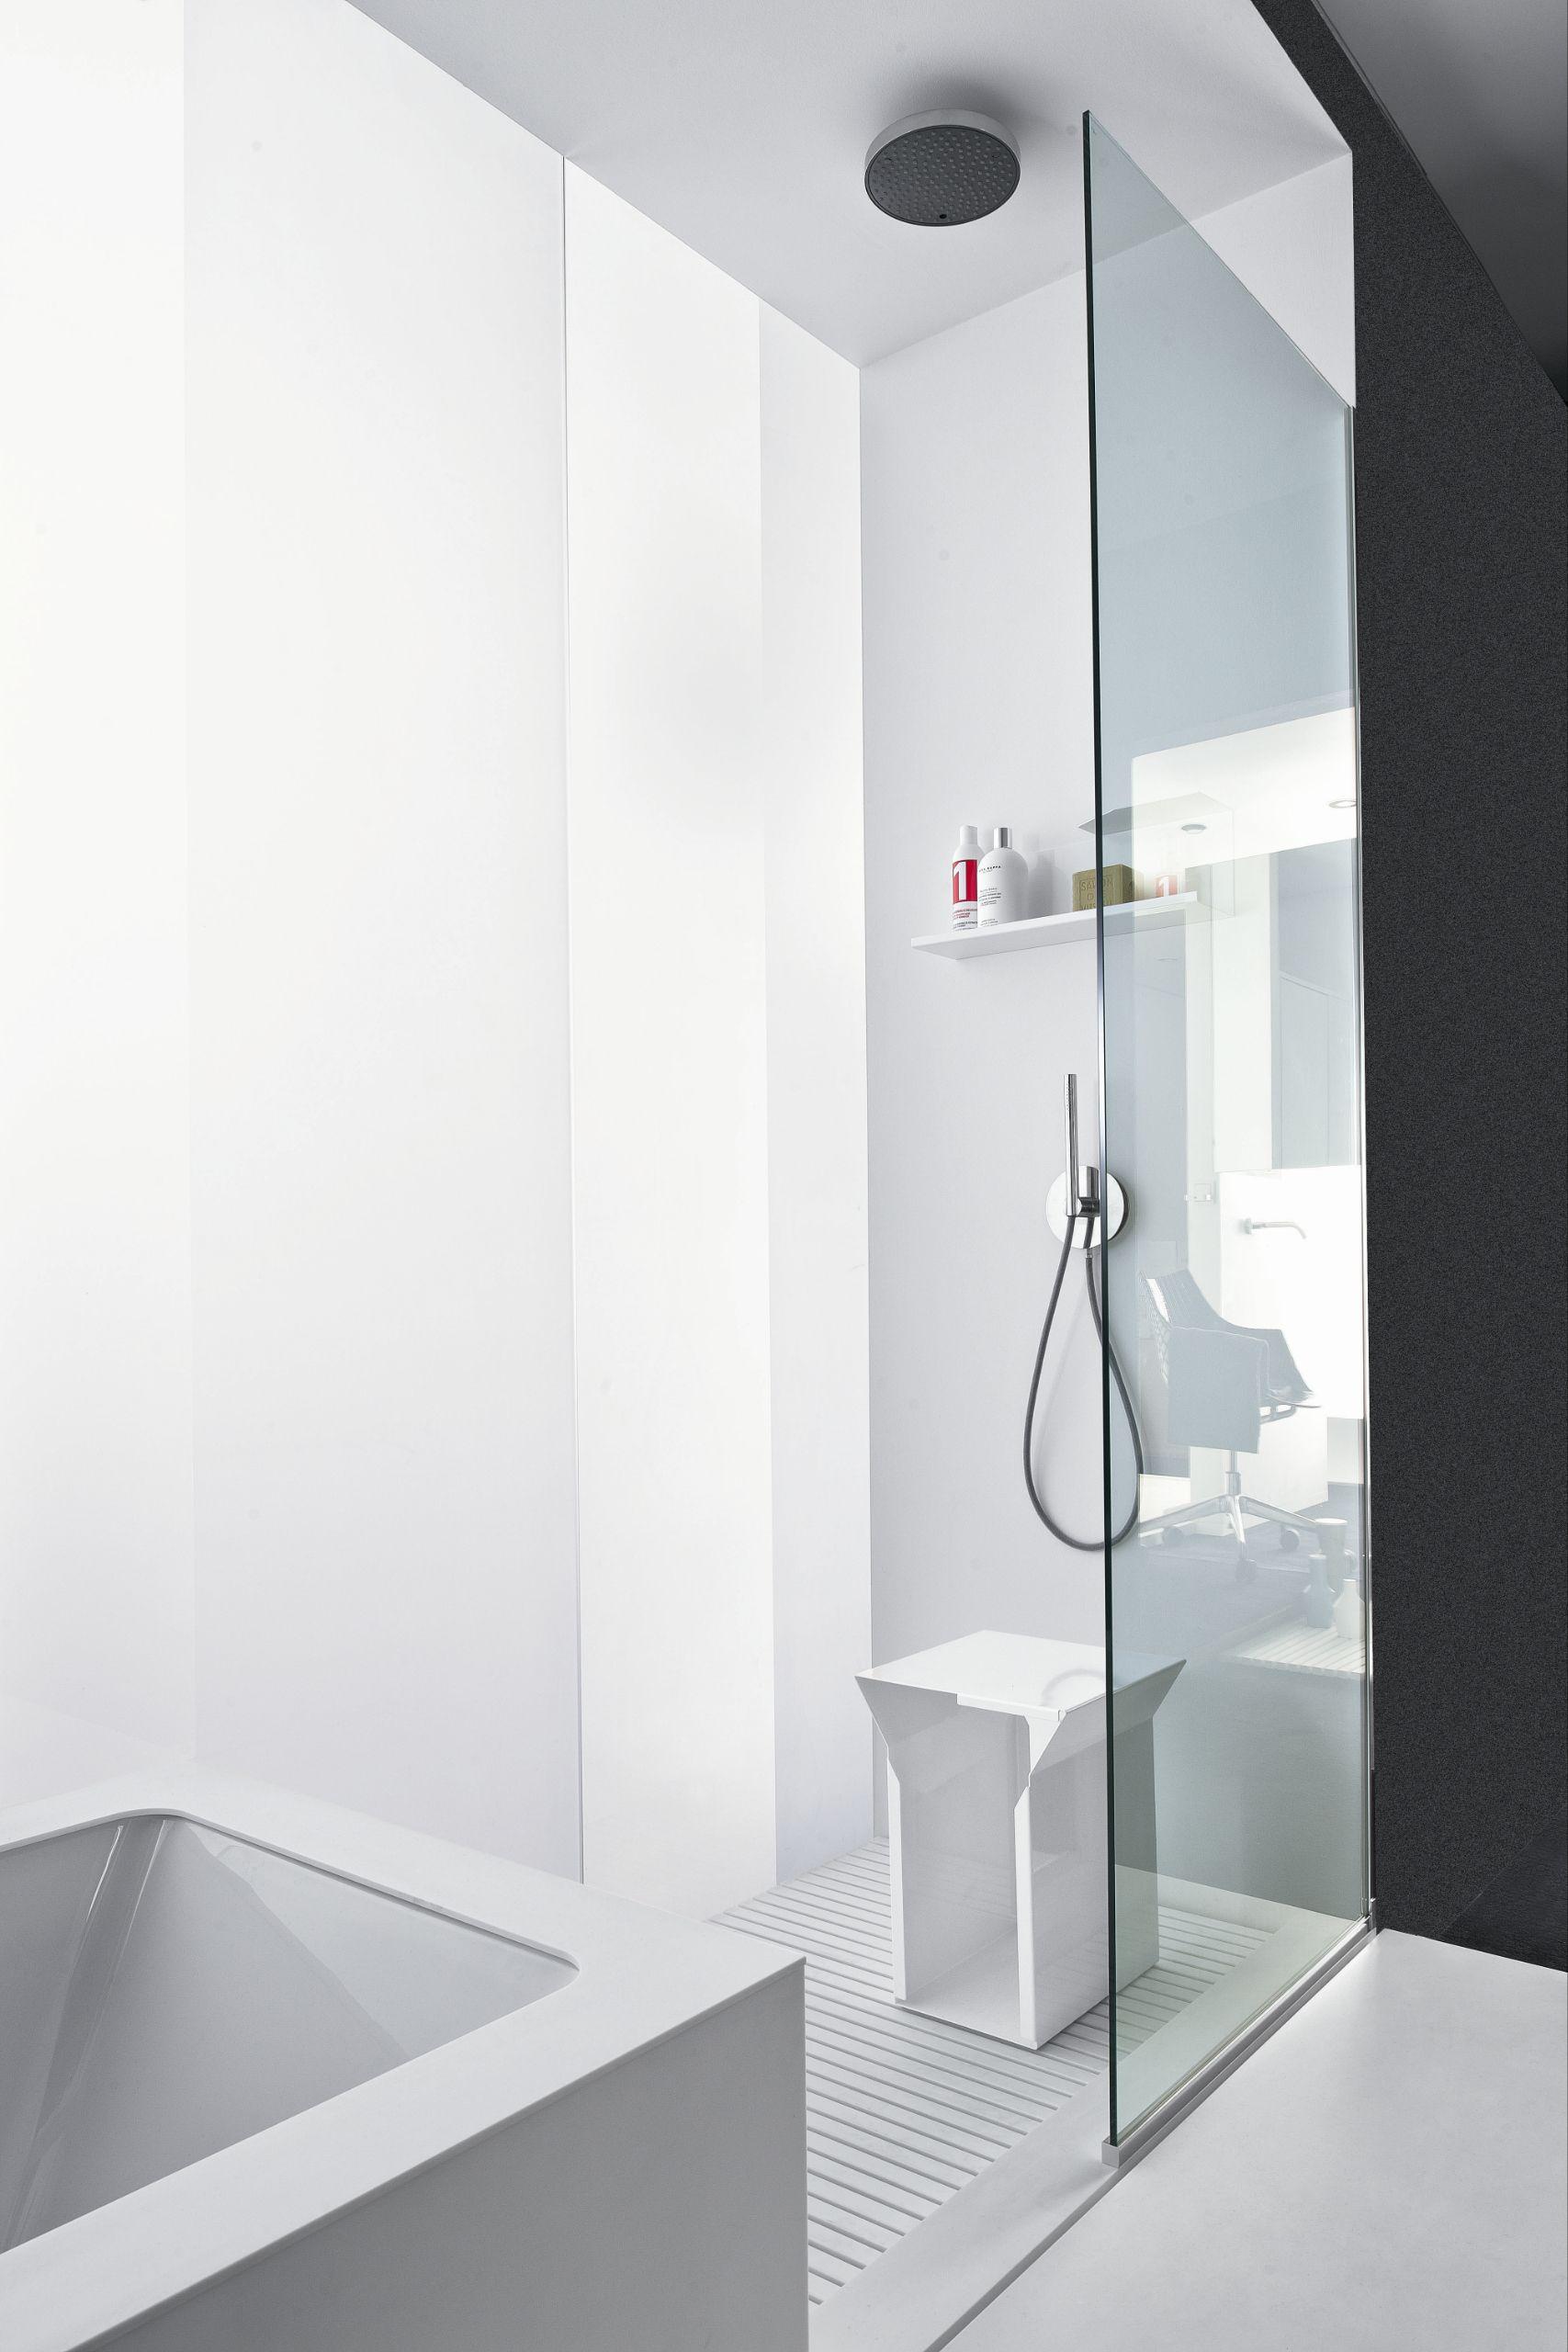 Bathroom Furniture Set Bathtub Shower Tray Linear 01